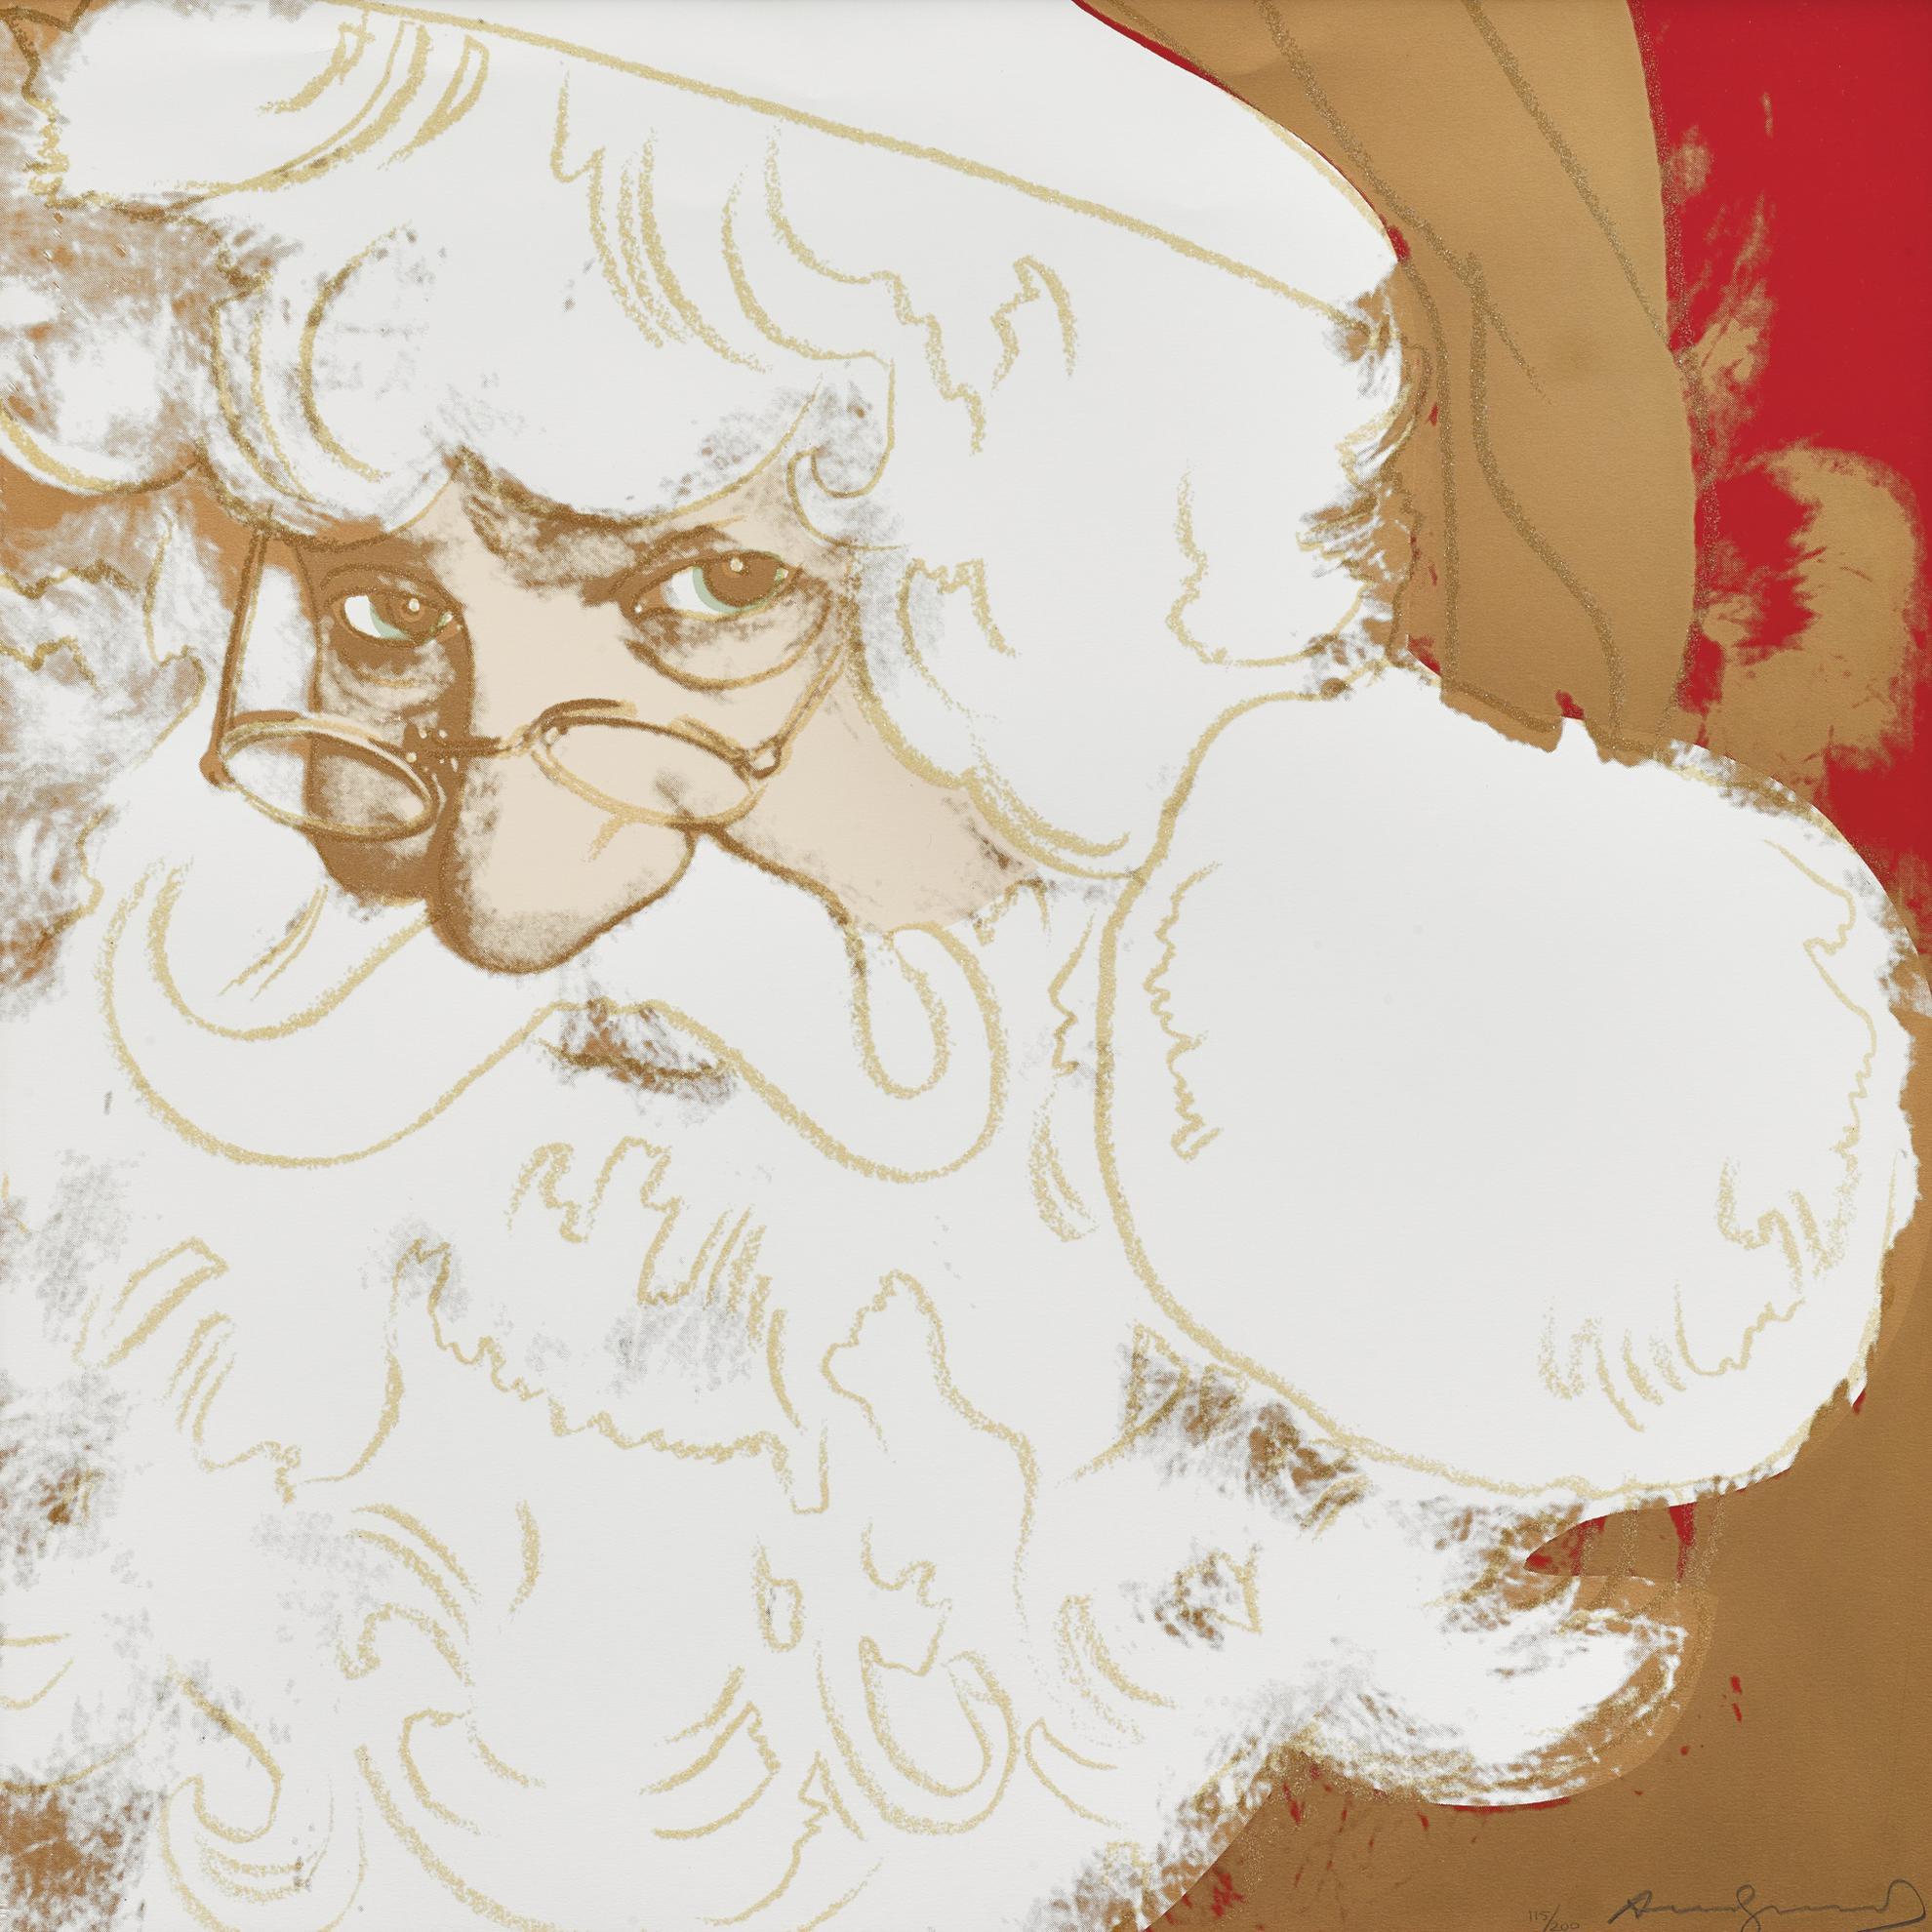 Andy Warhol-Santa Claus-1981